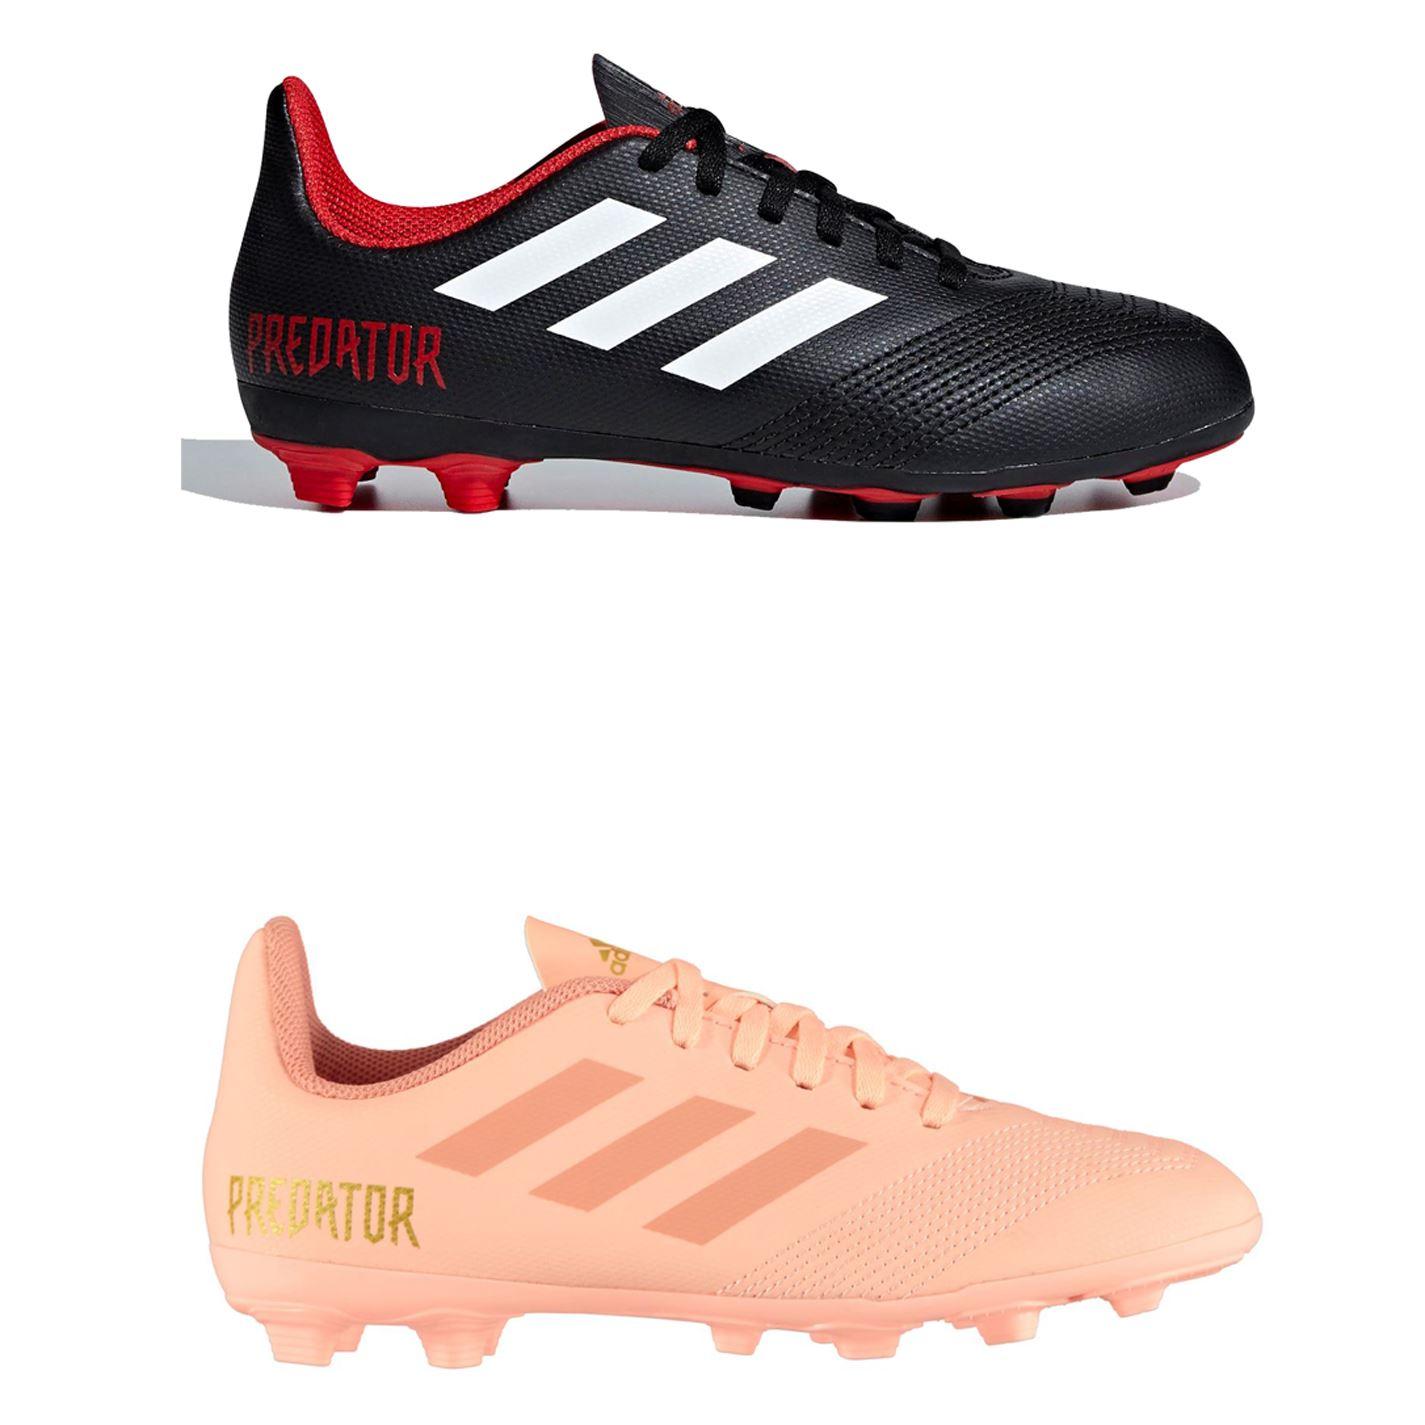 Details zu Adidas Predator 18.4 Fg Fester Grund Fußballschuhe Kinder Fußball Schuhe